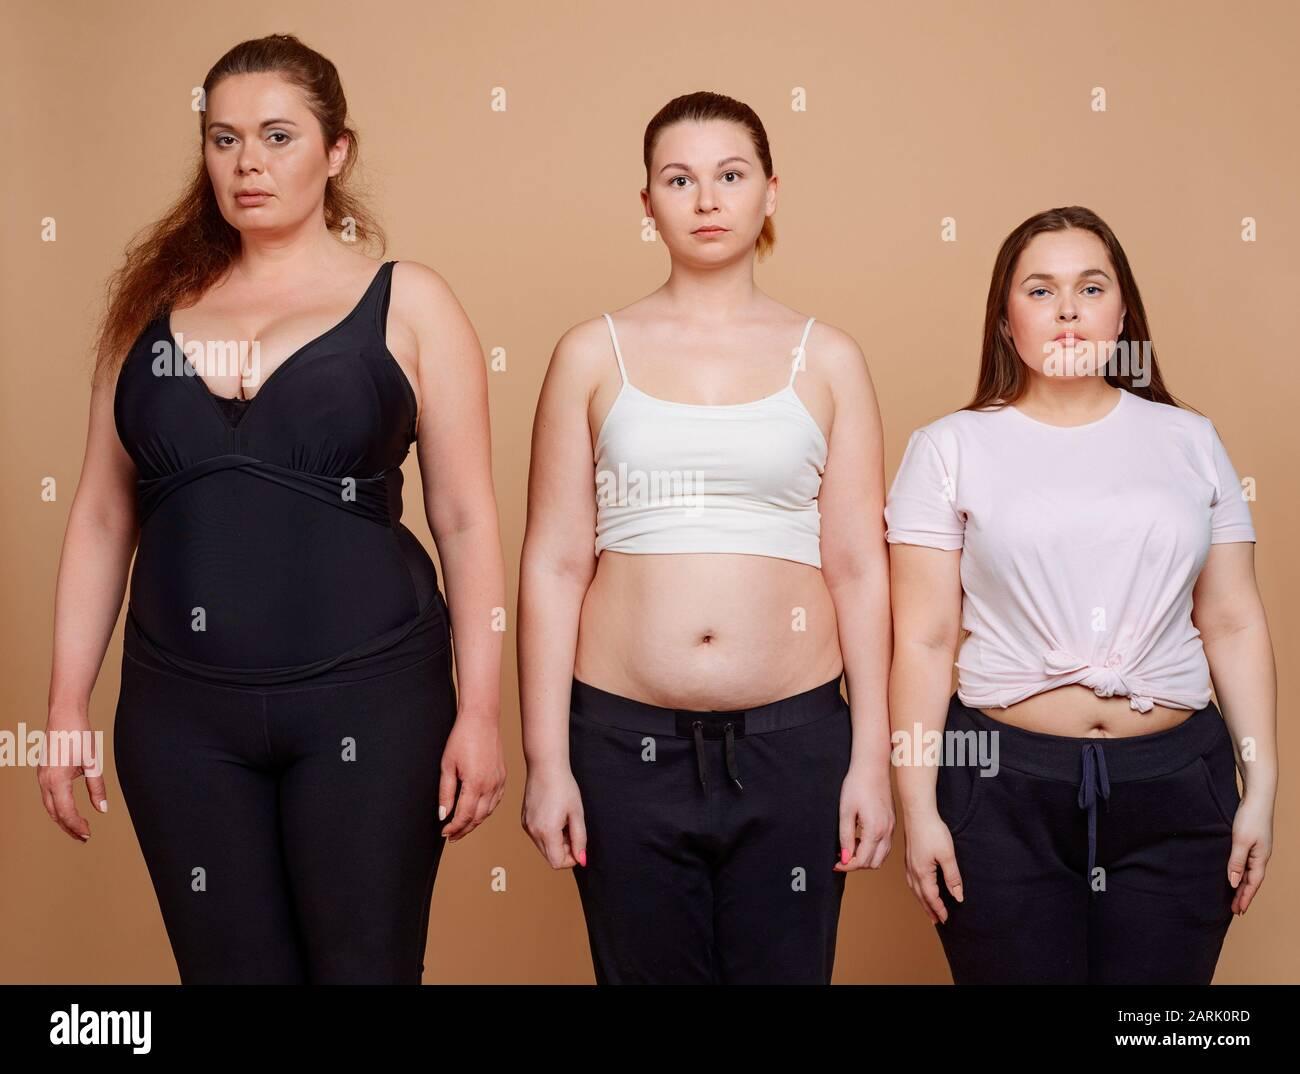 Frauen bilder von fetten Portrait Frauen